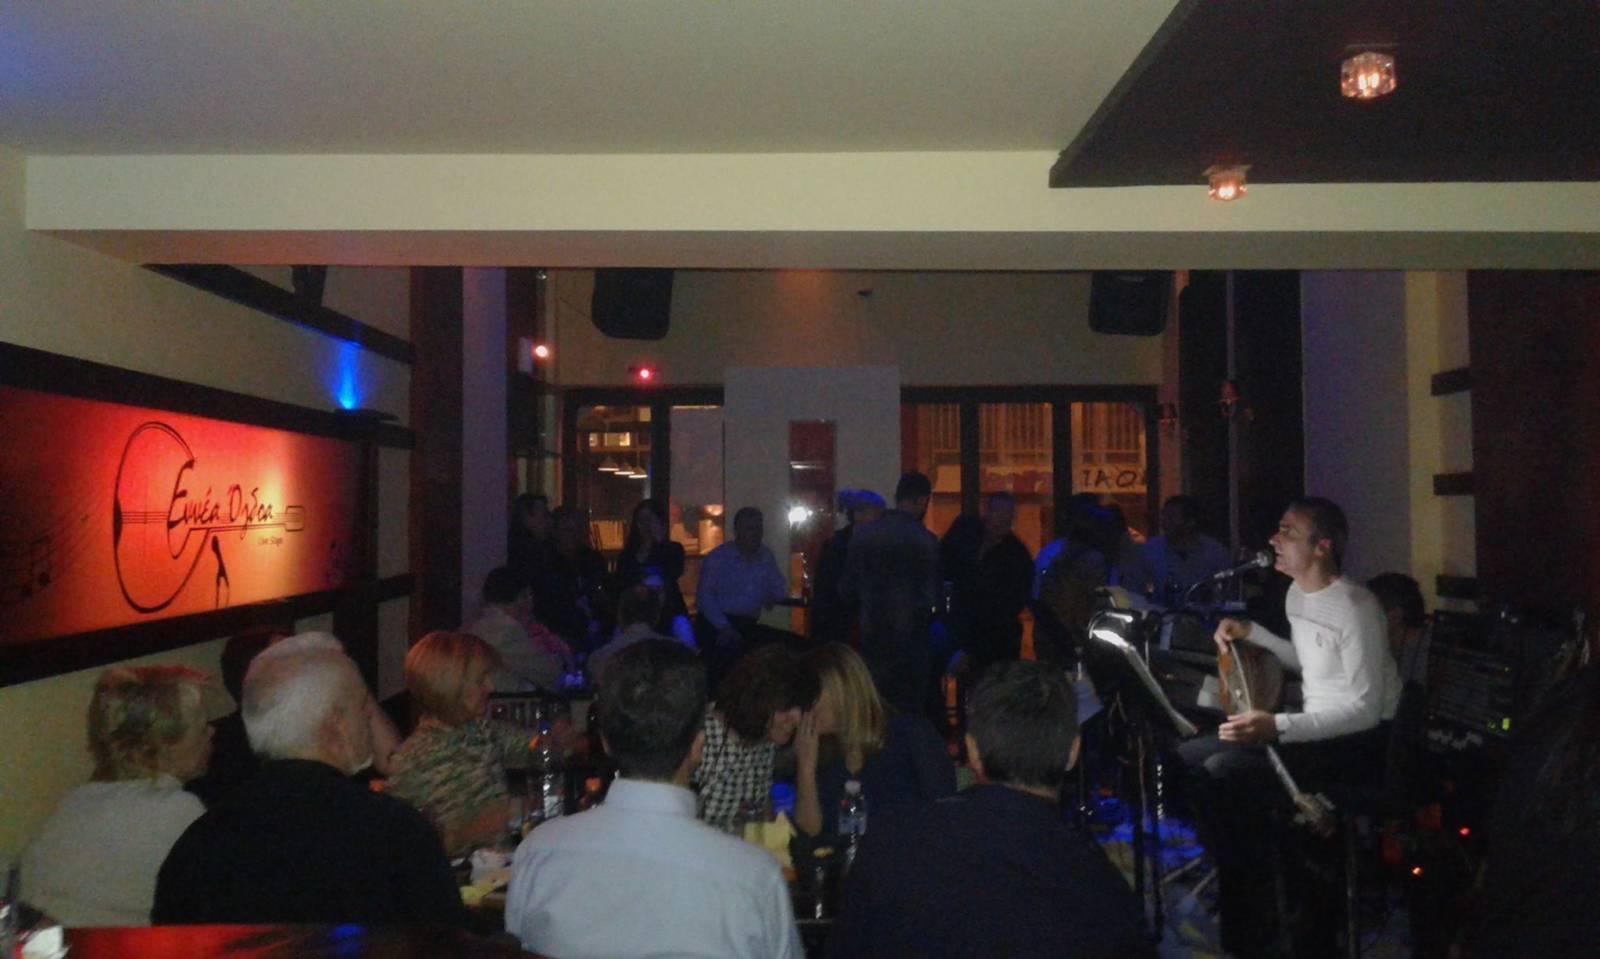 Βράδυ Σαββάτου (28/11), στη μουσική σκηνή «Εννέα Όγδοα» στην Πτολεμαΐδα